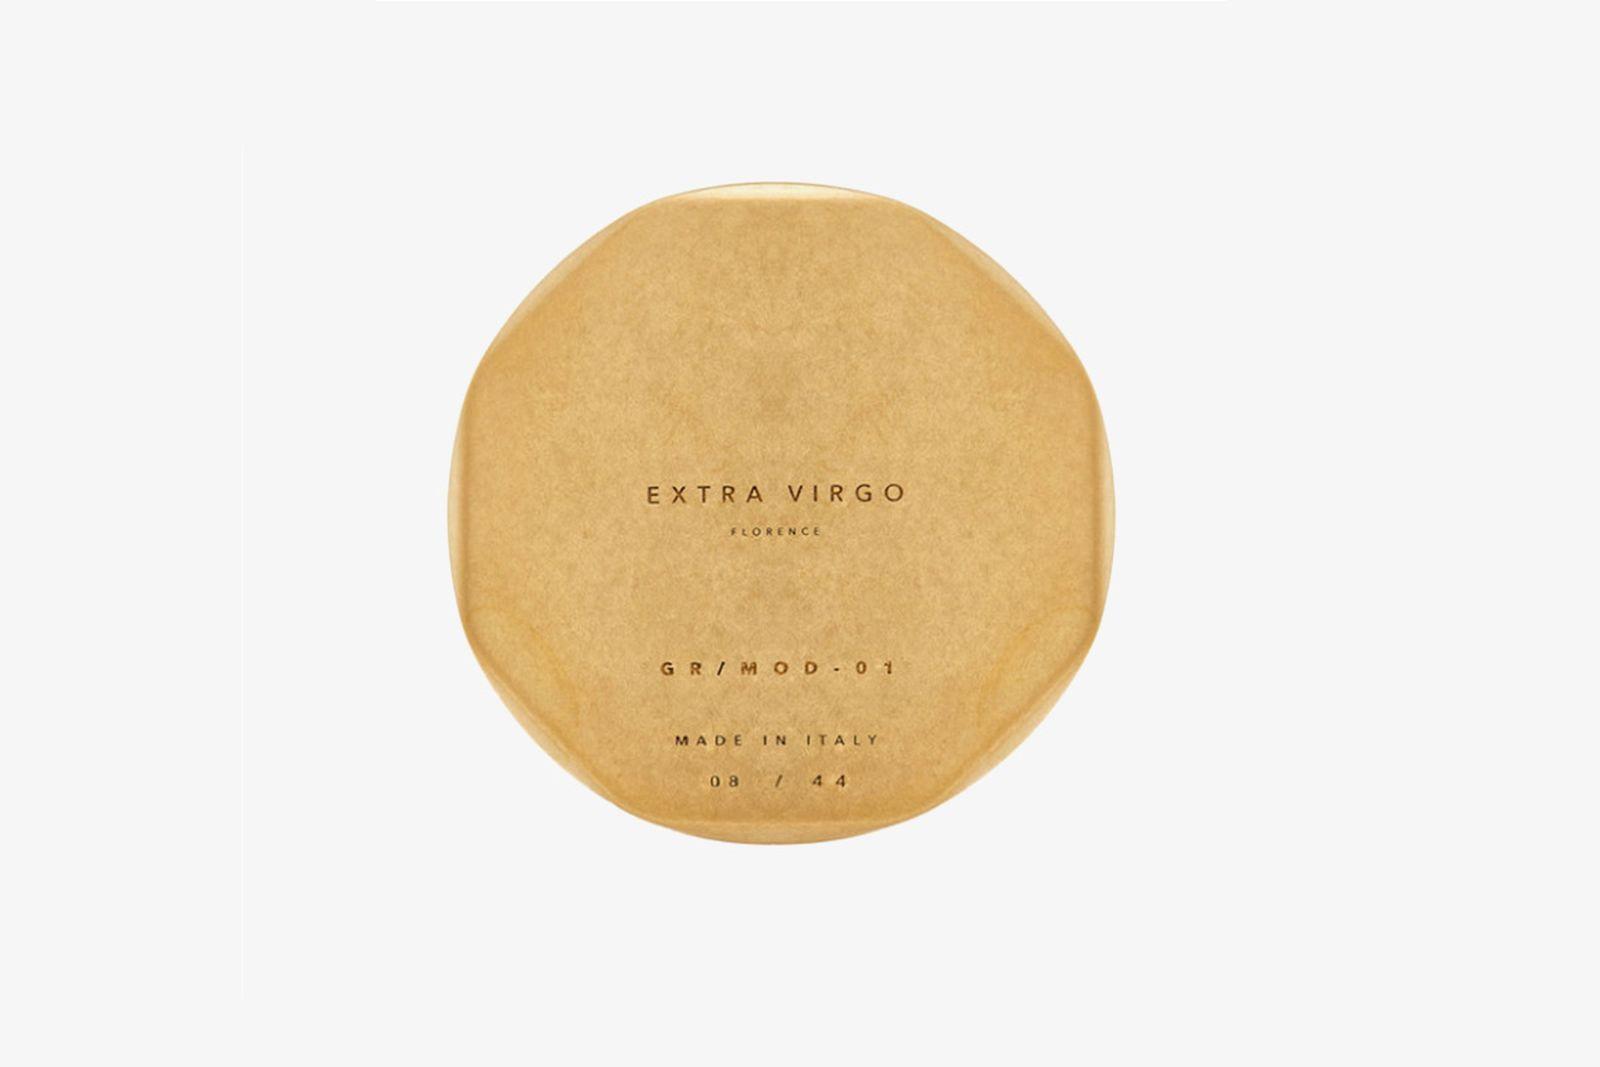 brass grinder back 420 extra virgo